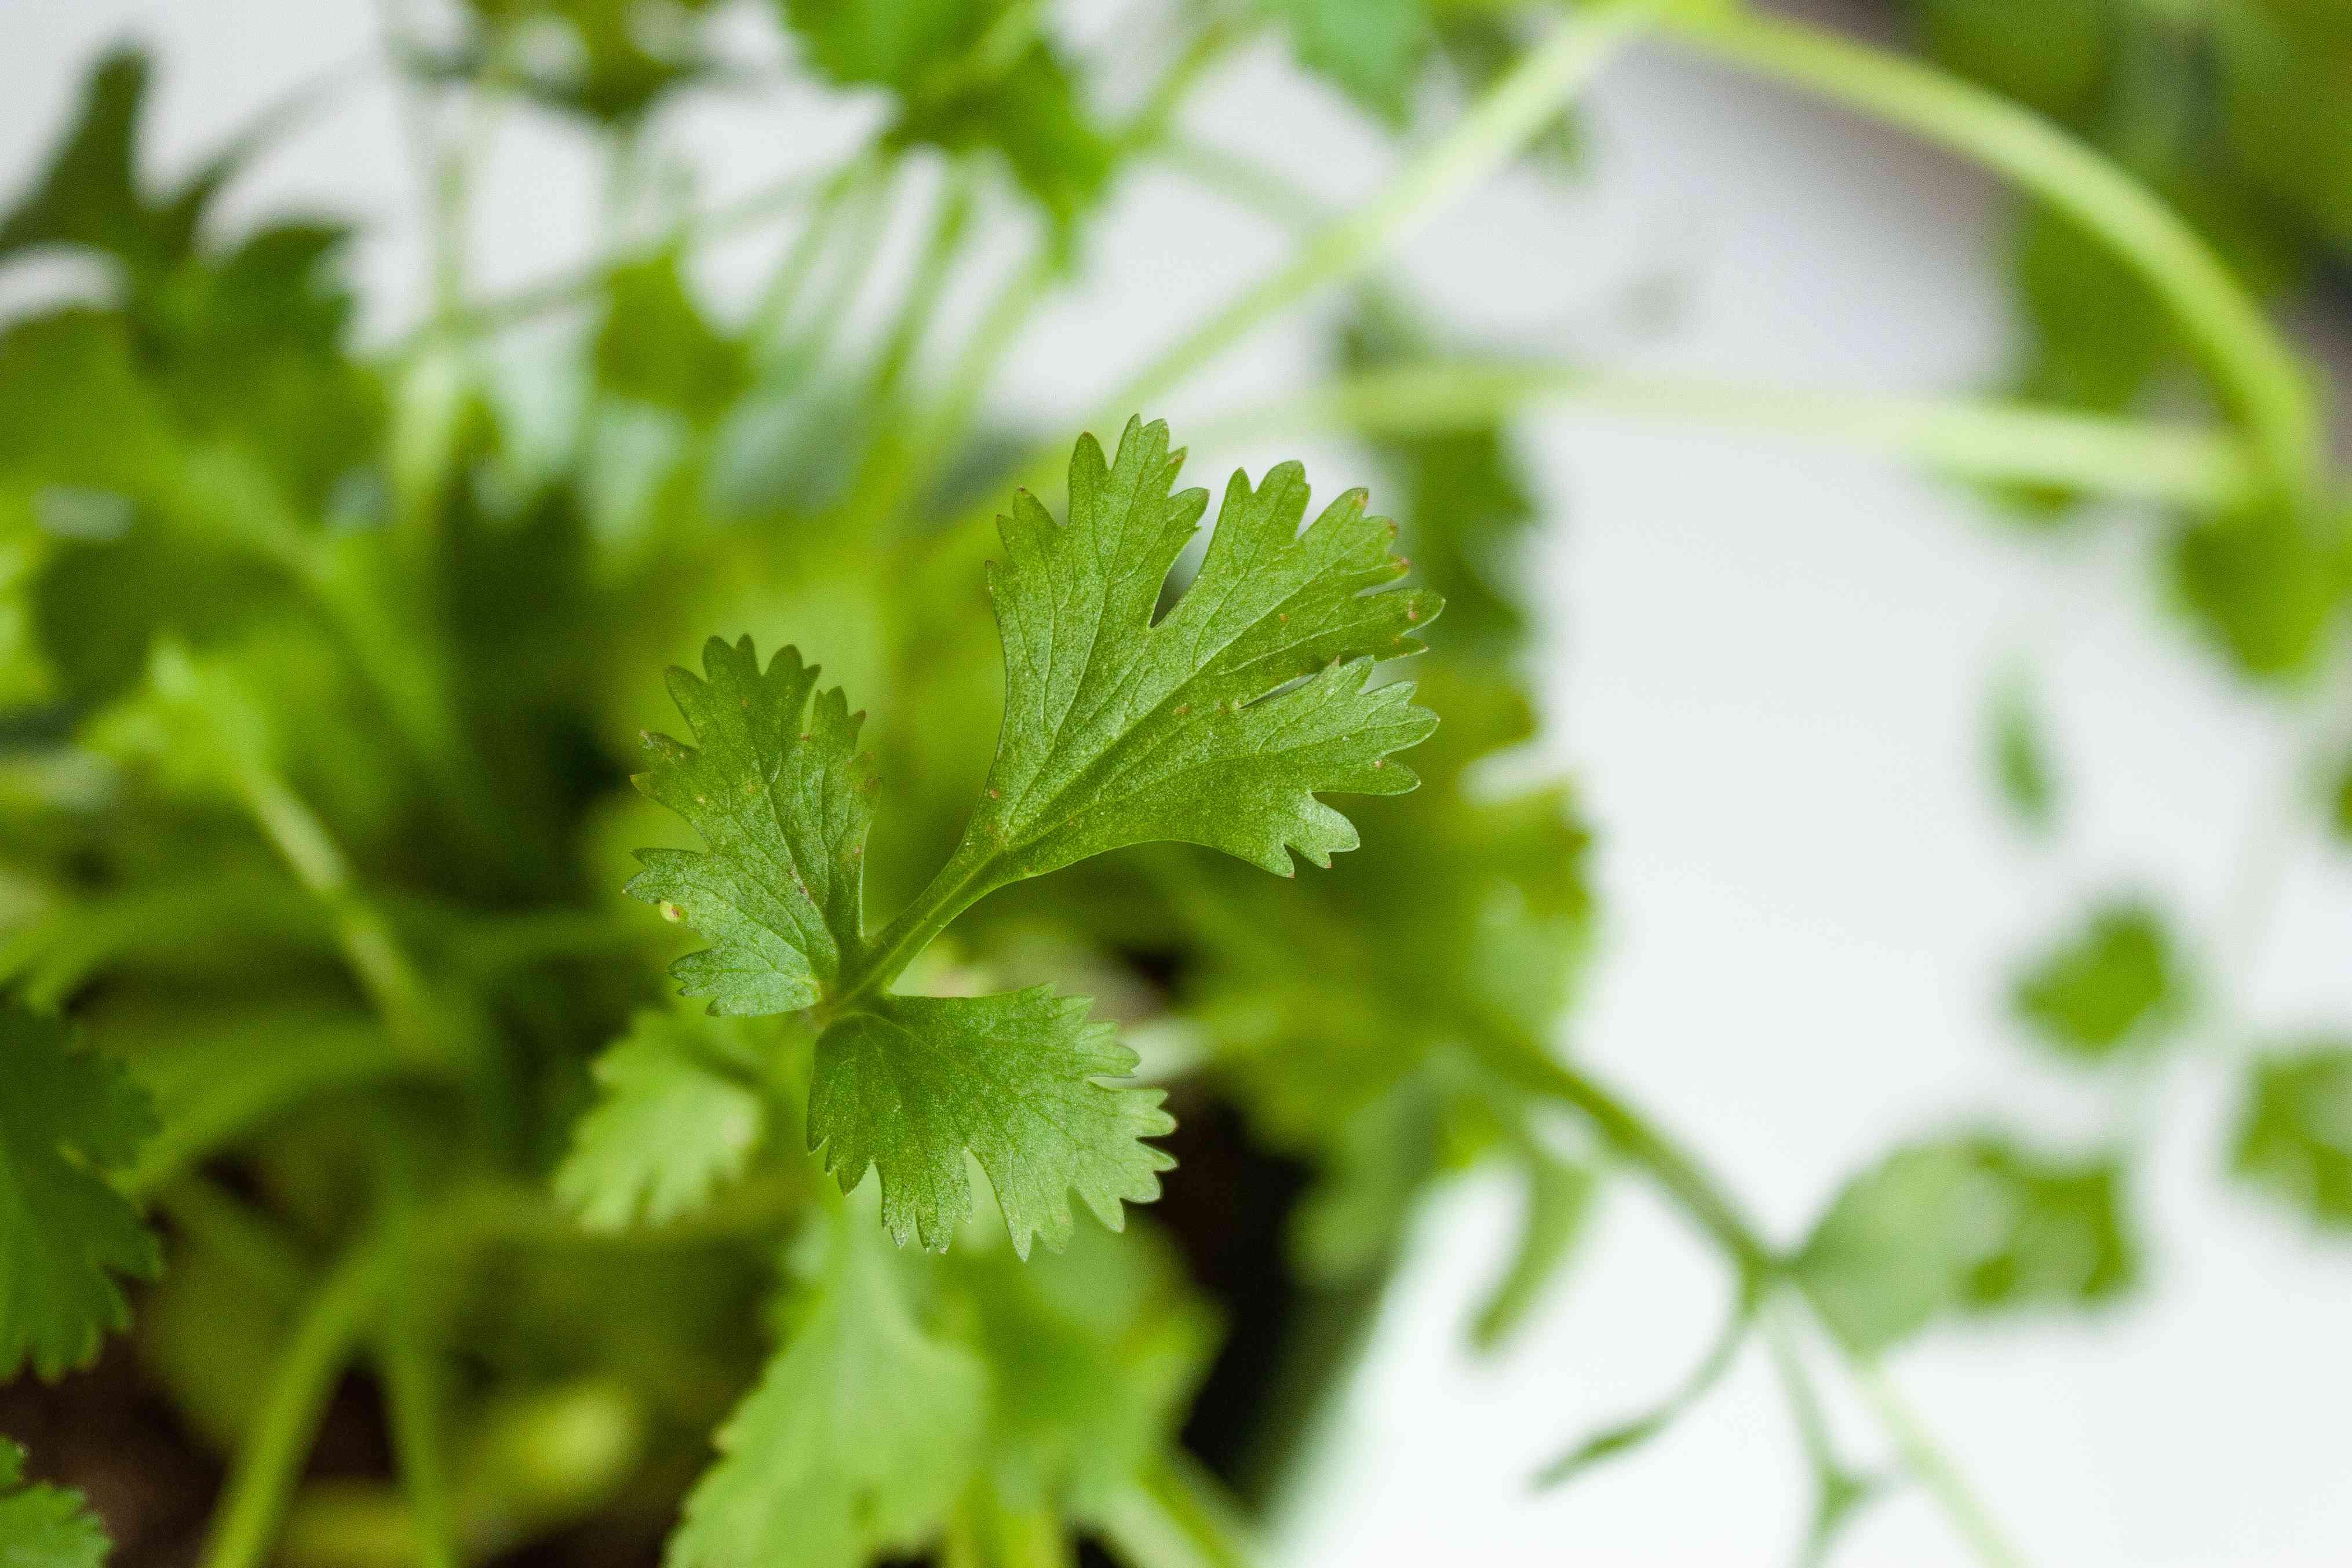 closeup of cilantro leaves